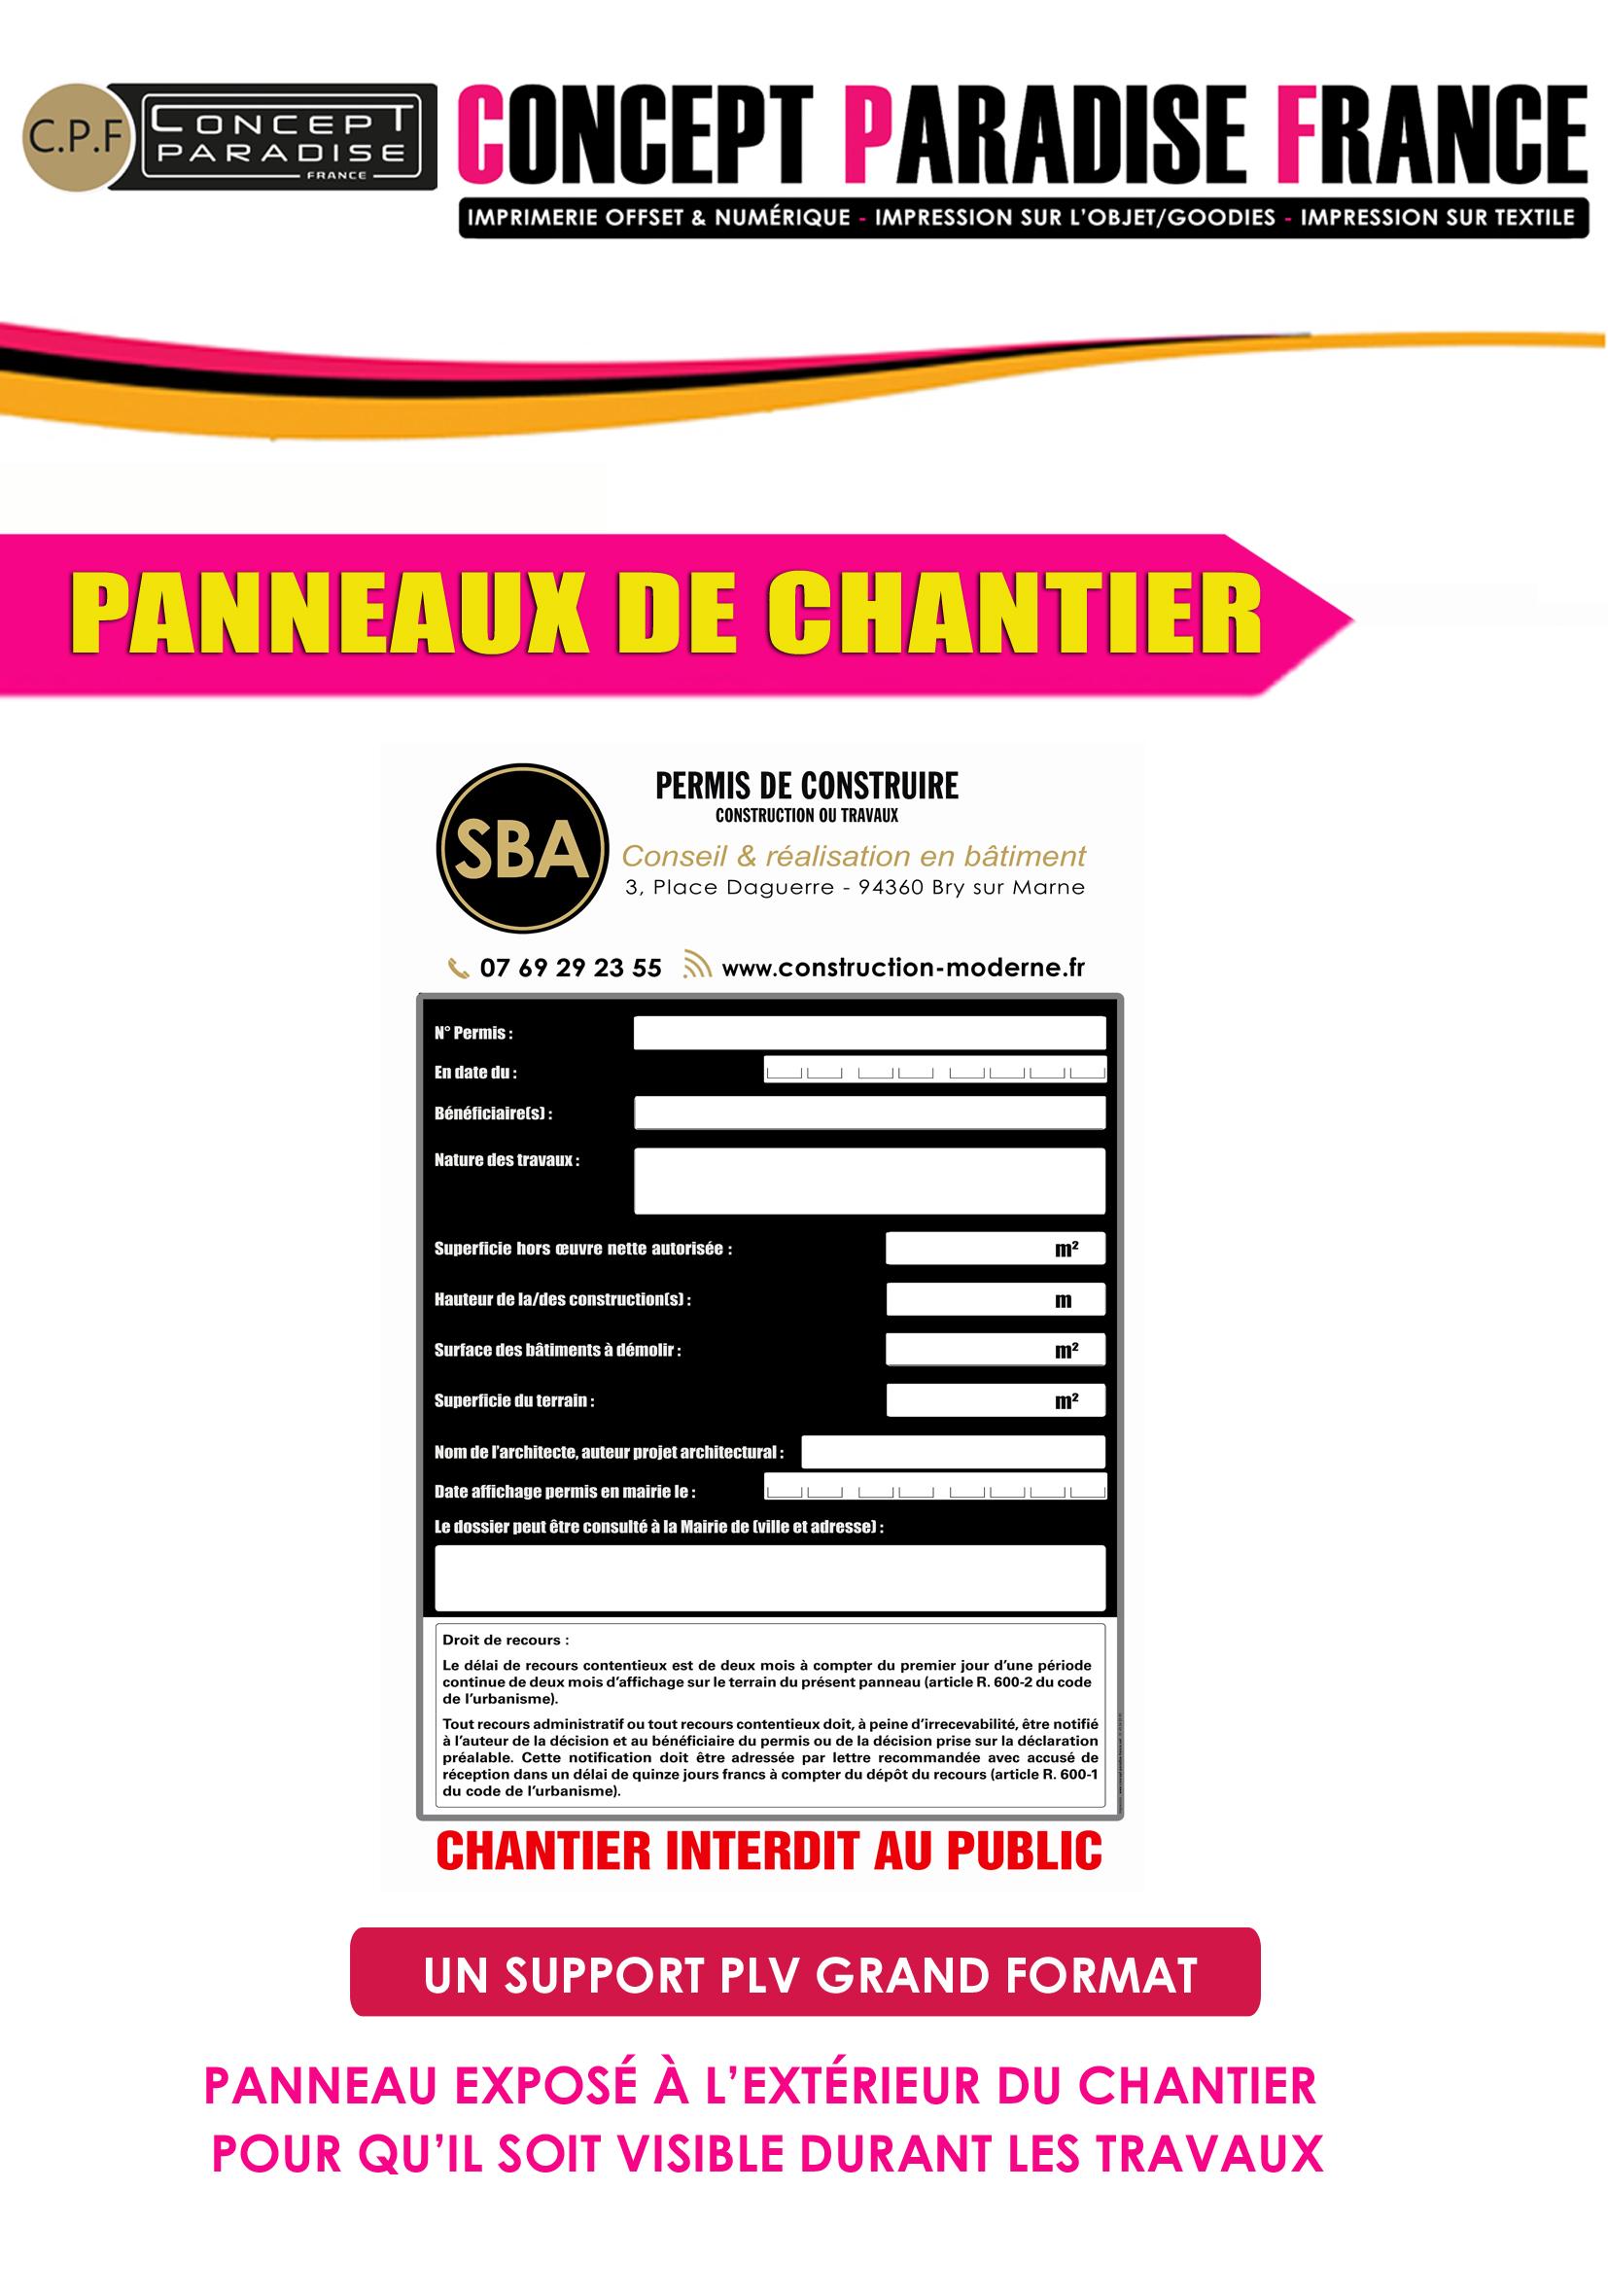 PANNEAU DE CHANTIER AKILUX